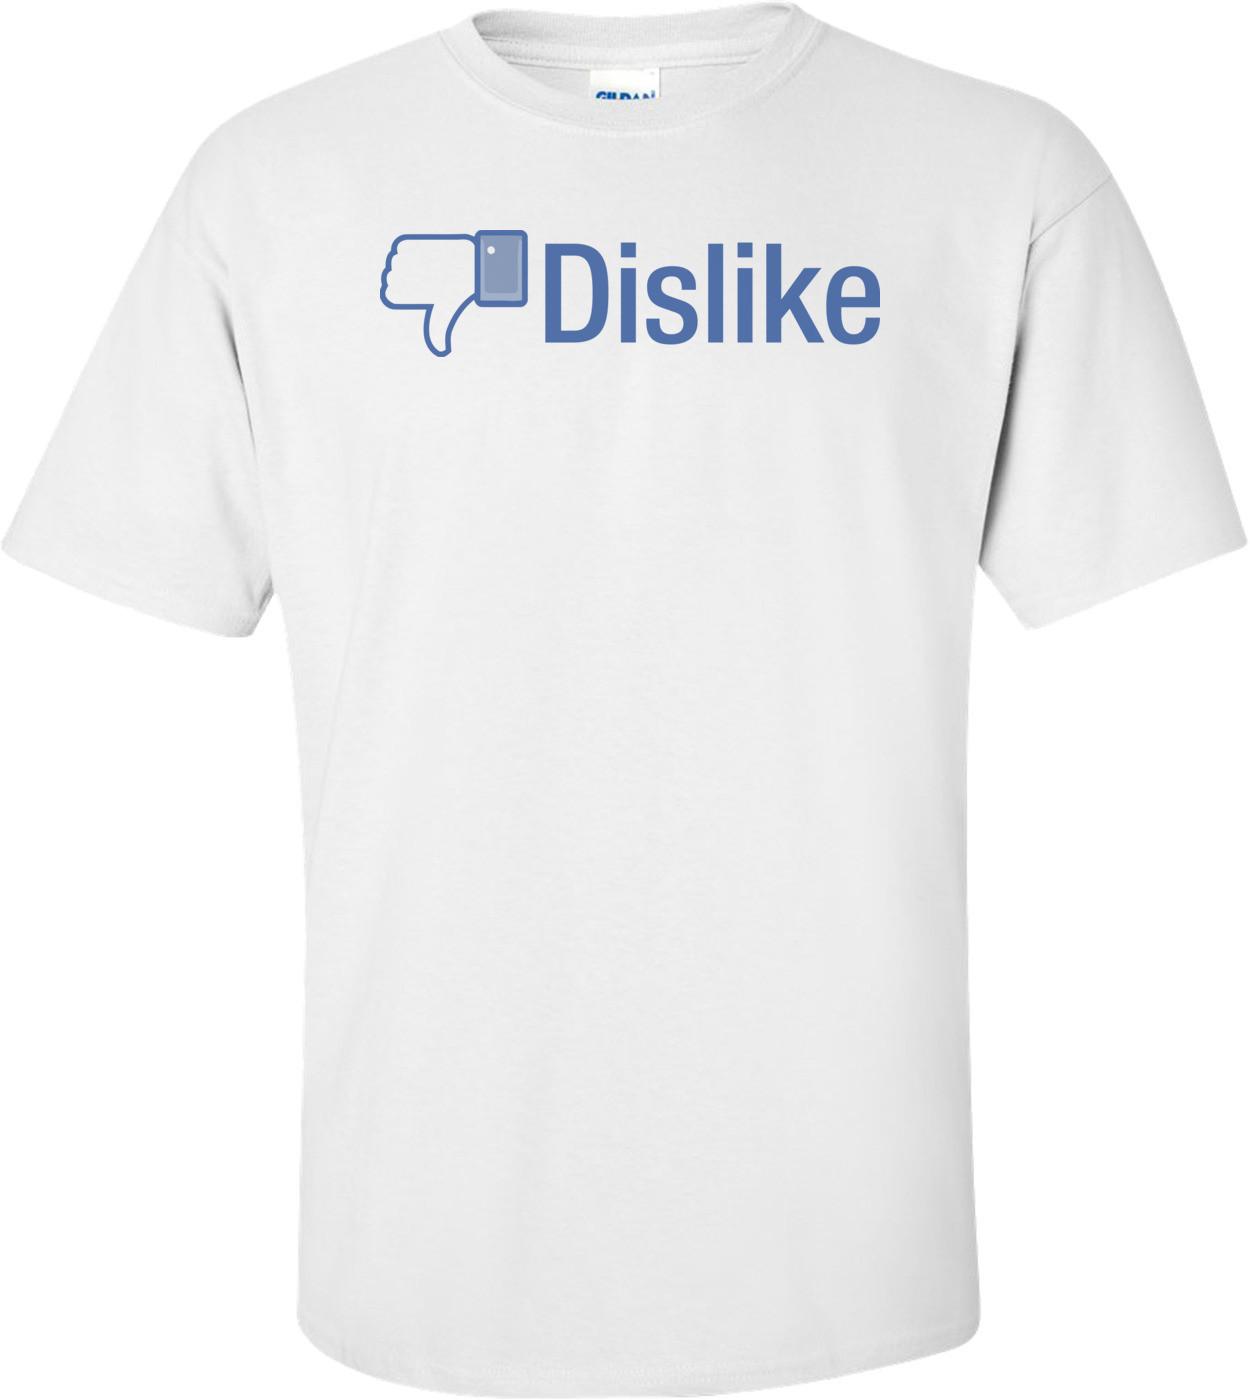 Dislike - Facebook T-shirt